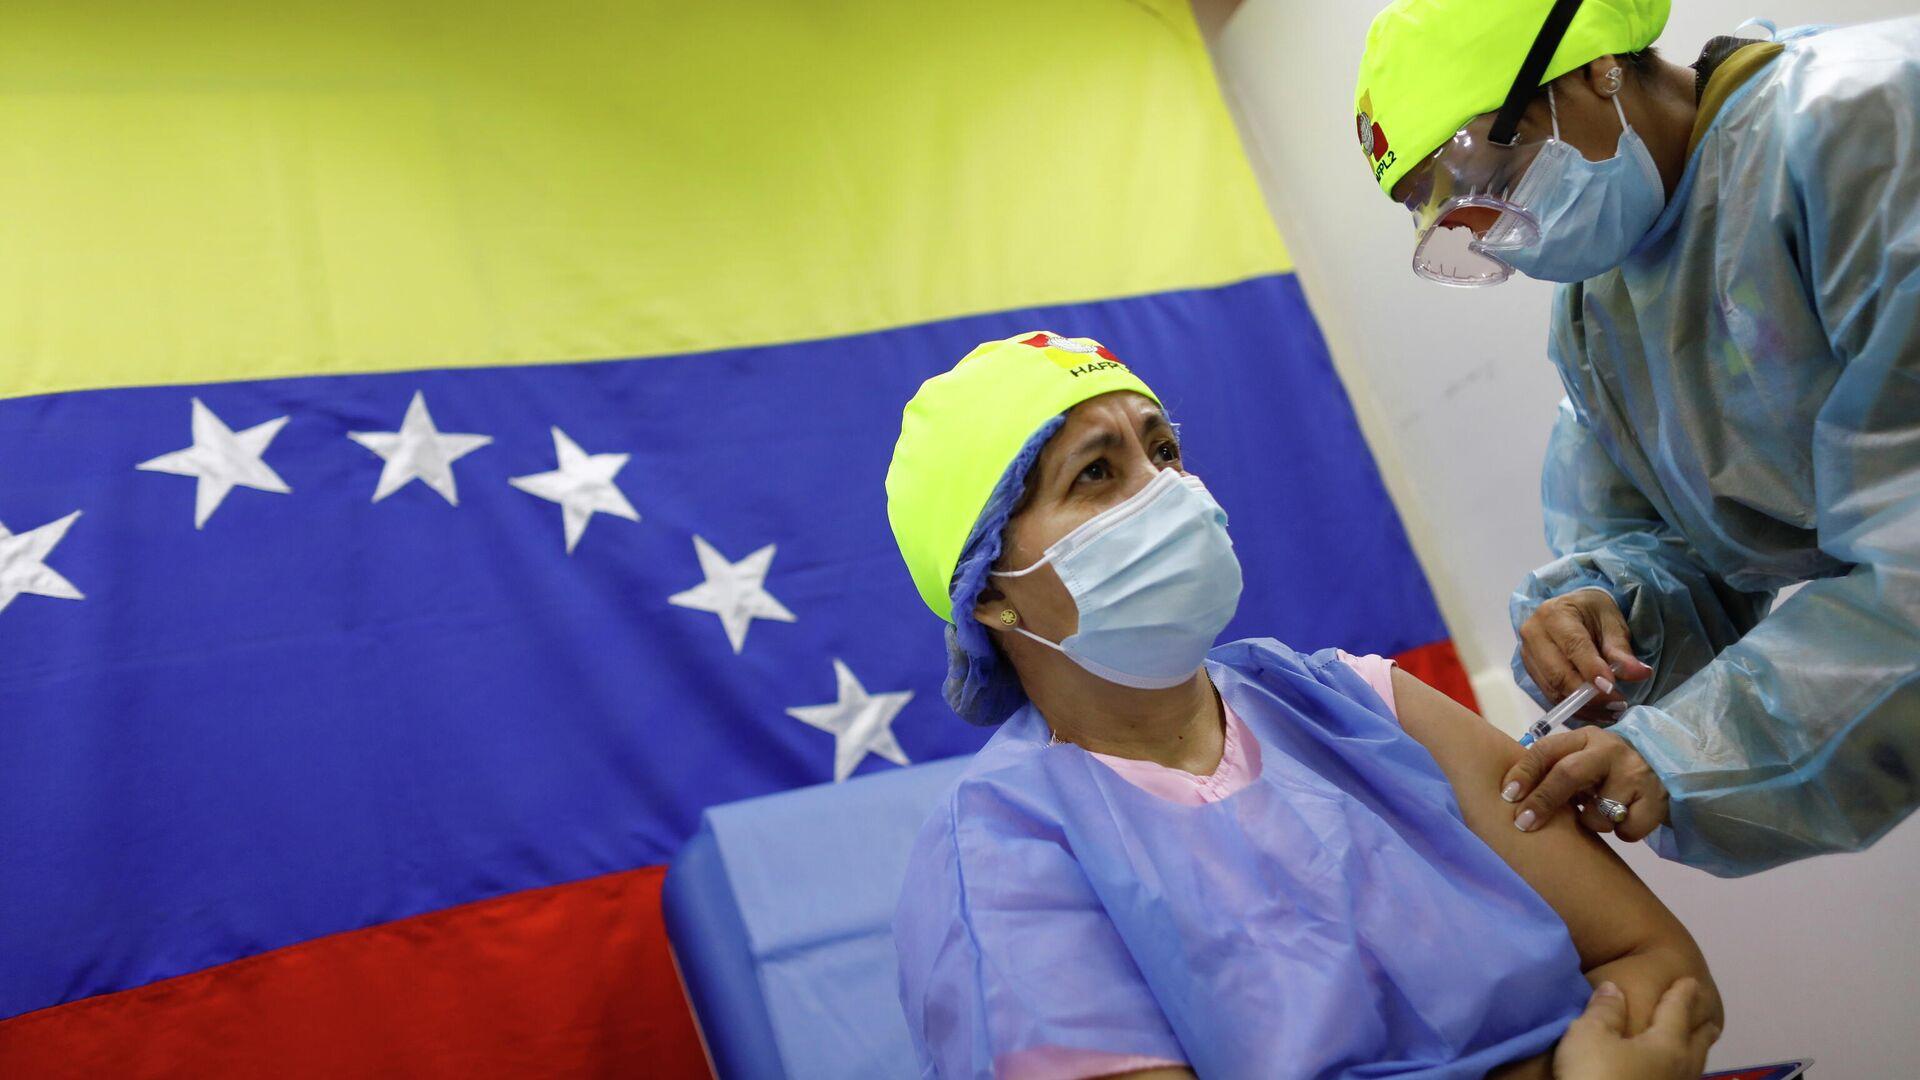 Vacunación contra COVID-19 en Caracas, Venezuela - Sputnik Mundo, 1920, 09.03.2021